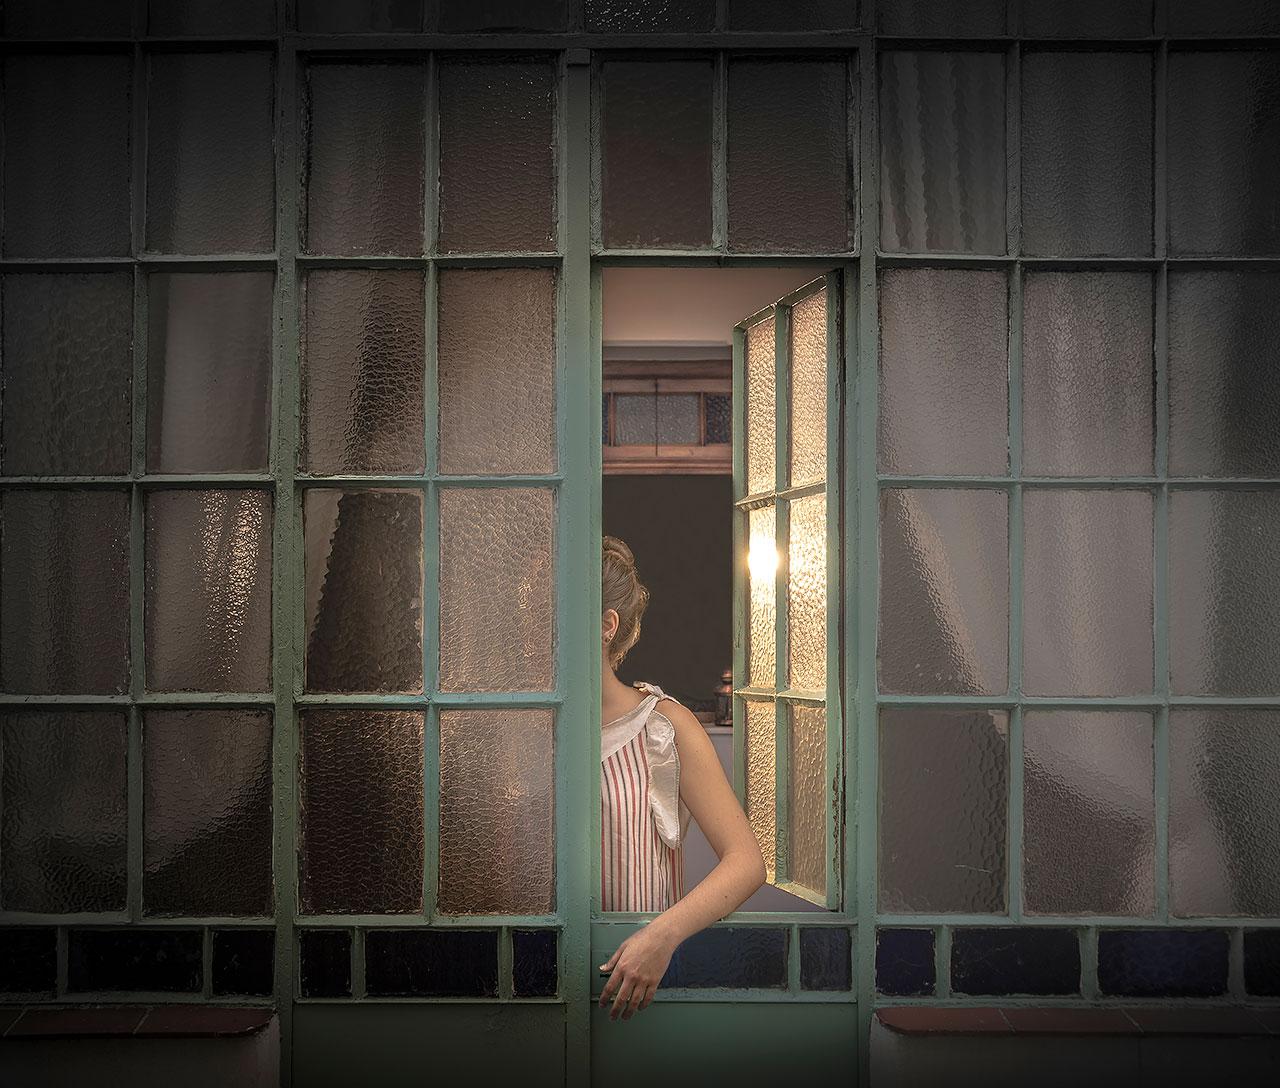 Rodrigo Illescas - Are you There? - Felix Schoeller Photoaward